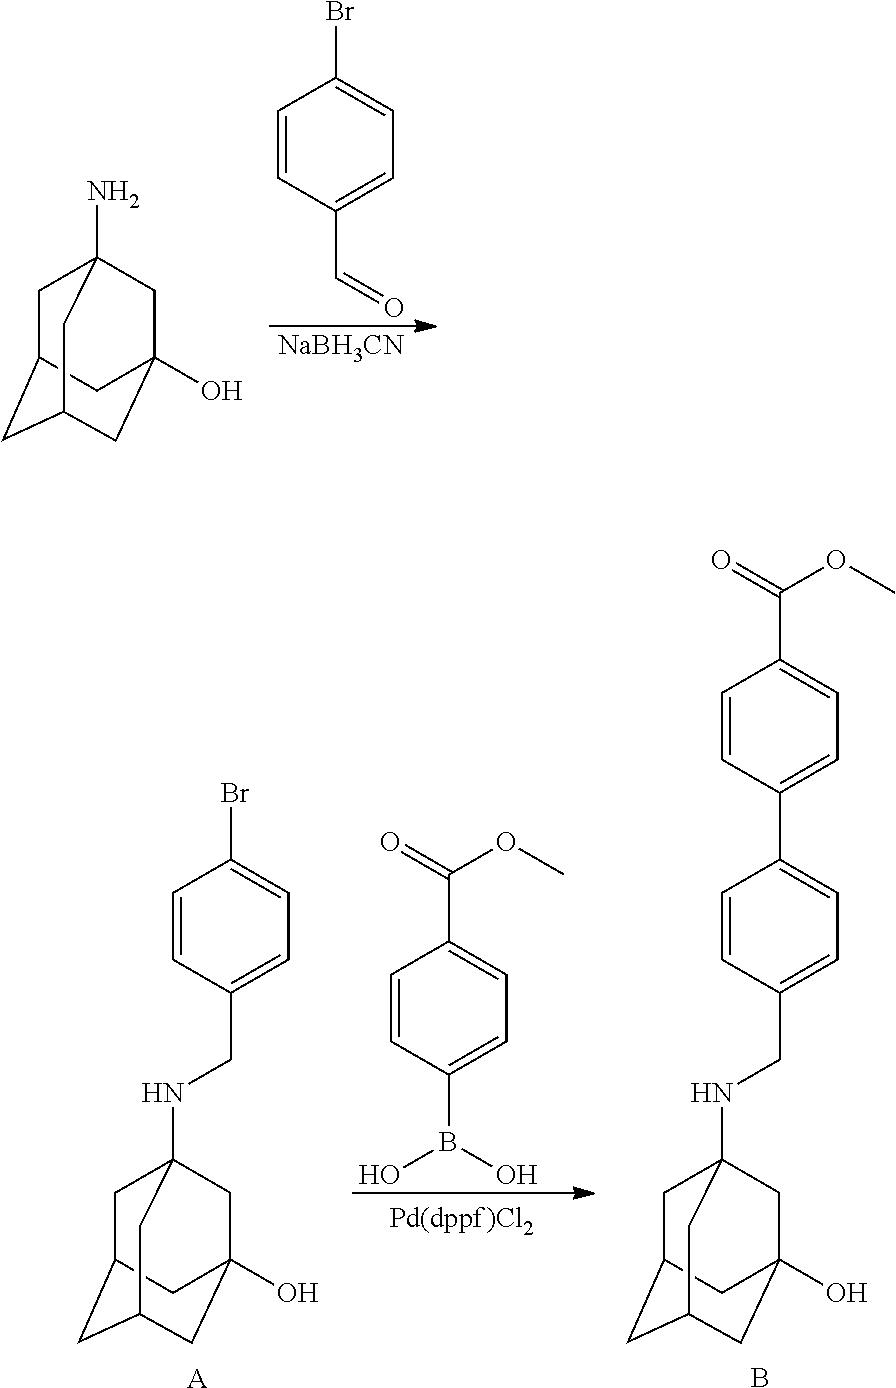 Figure US09884832-20180206-C00528